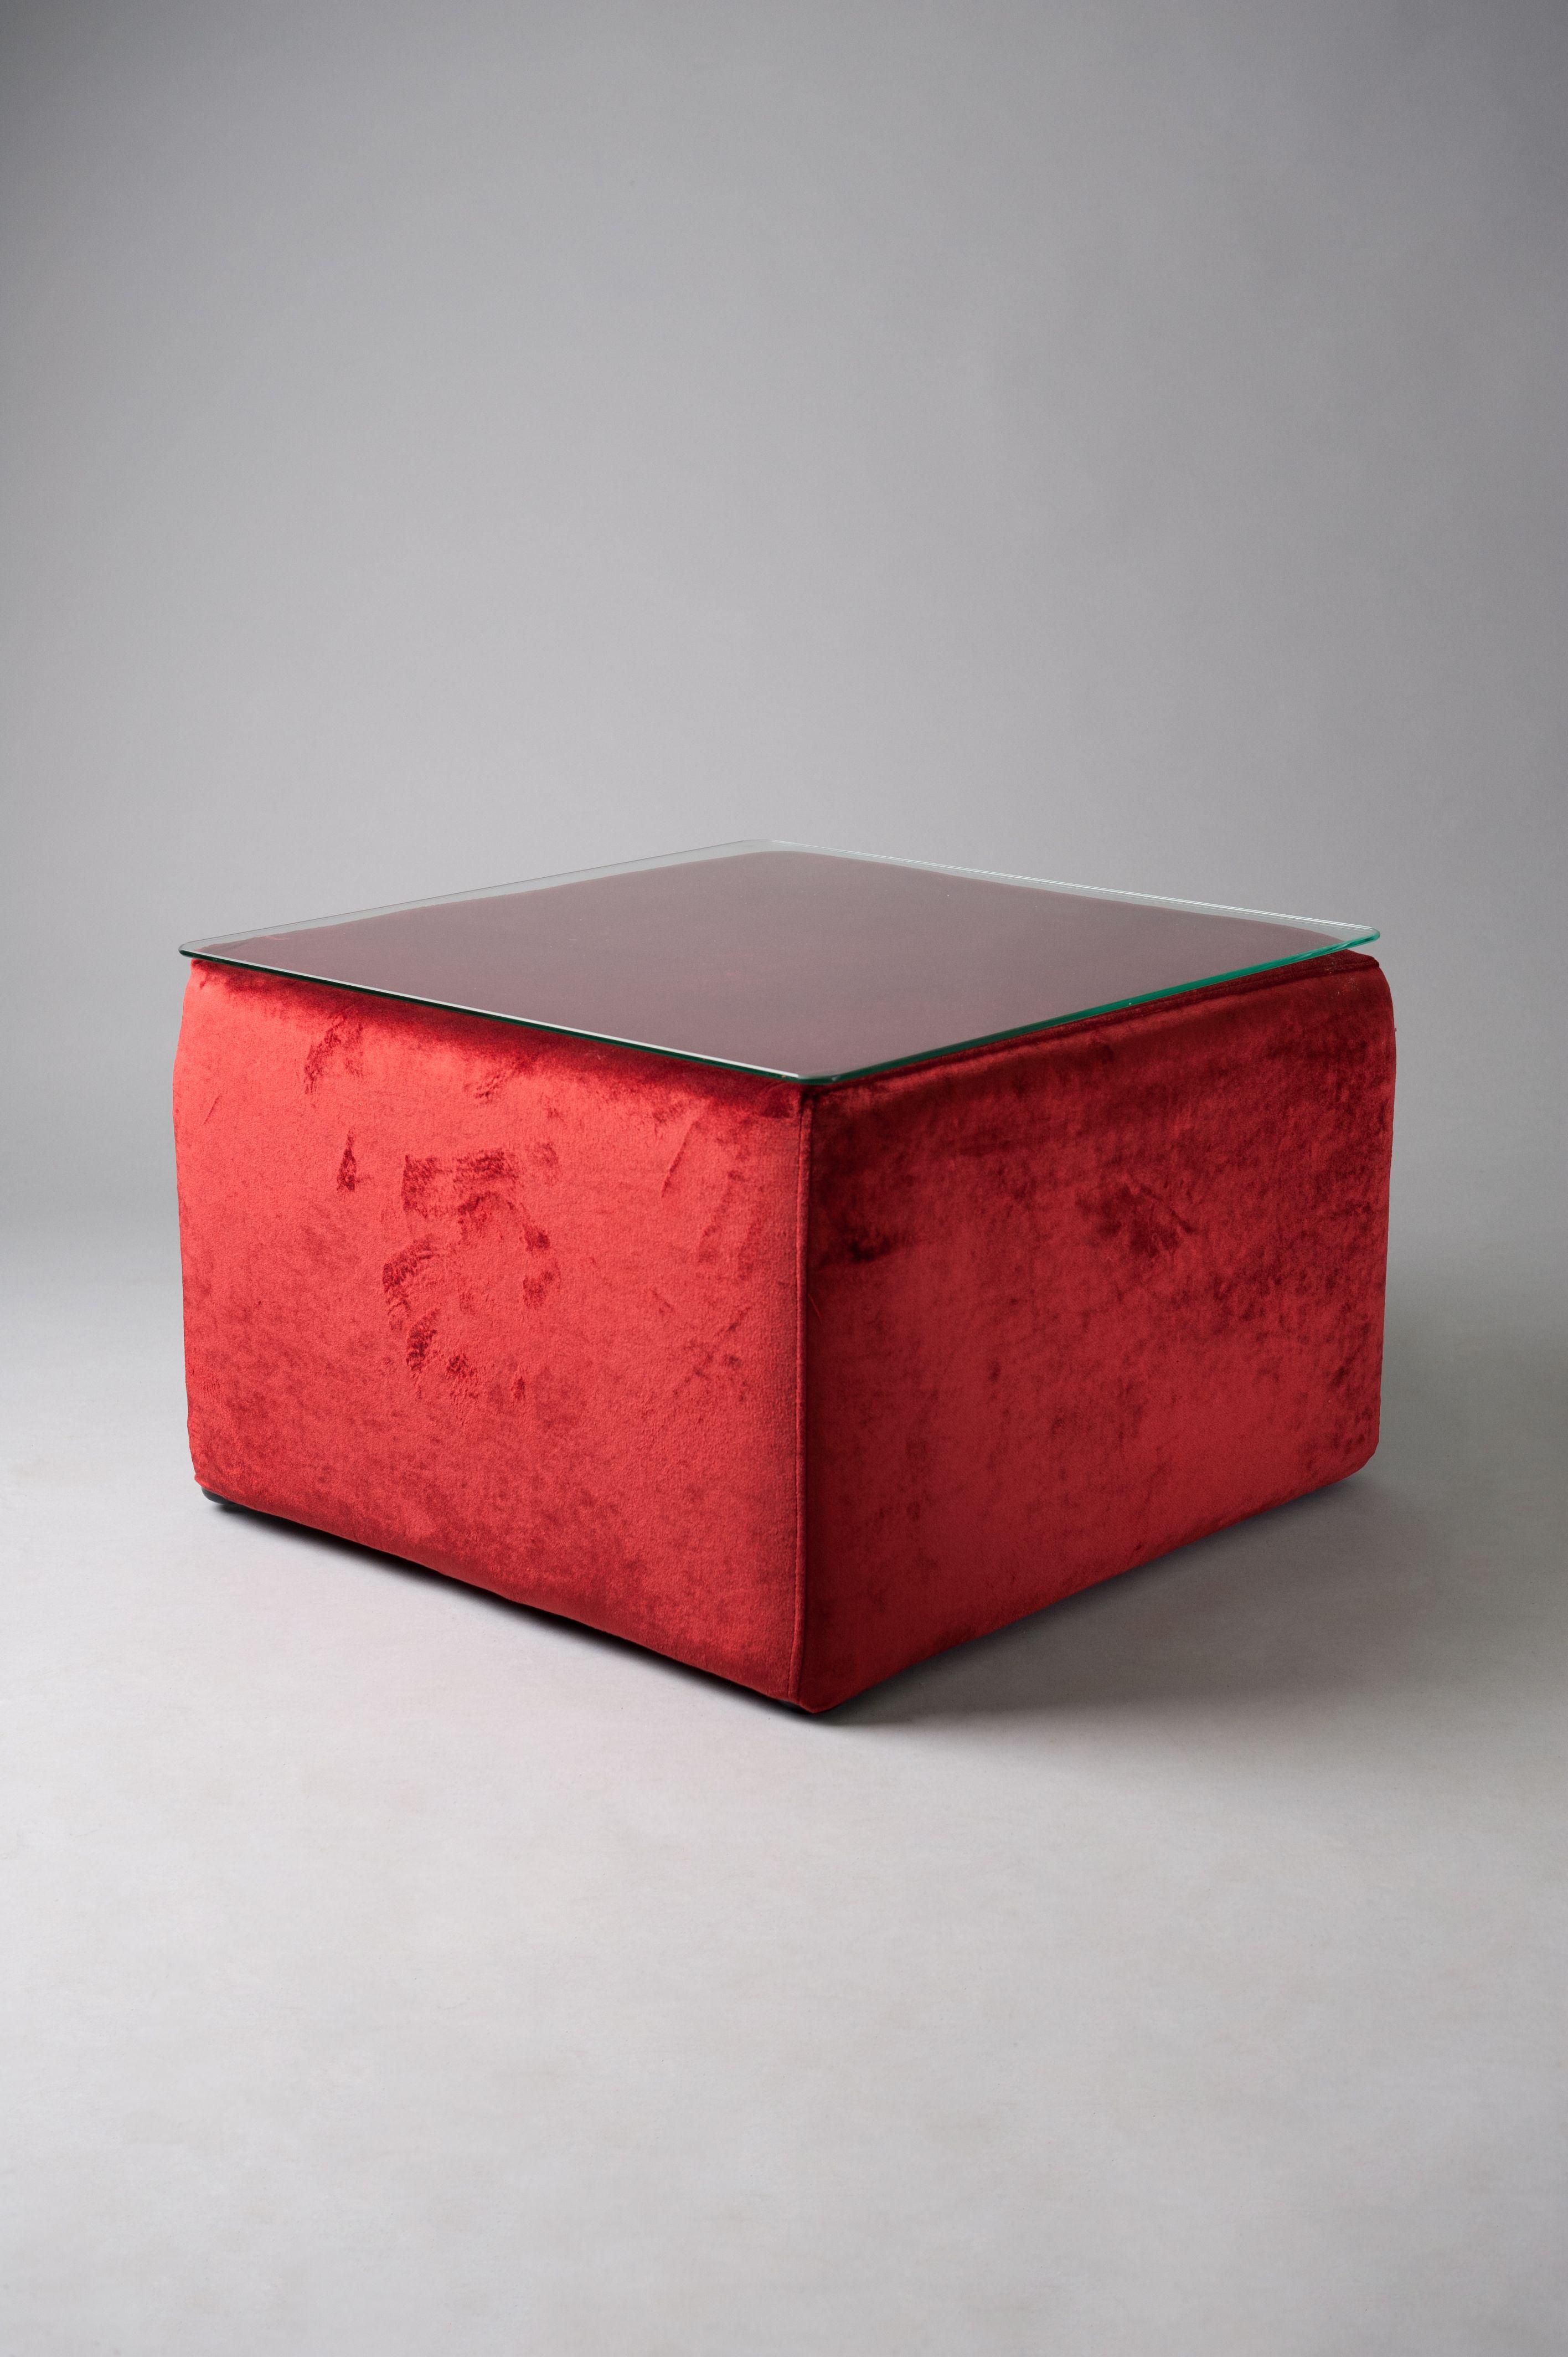 Red velvet pouf table  (2)